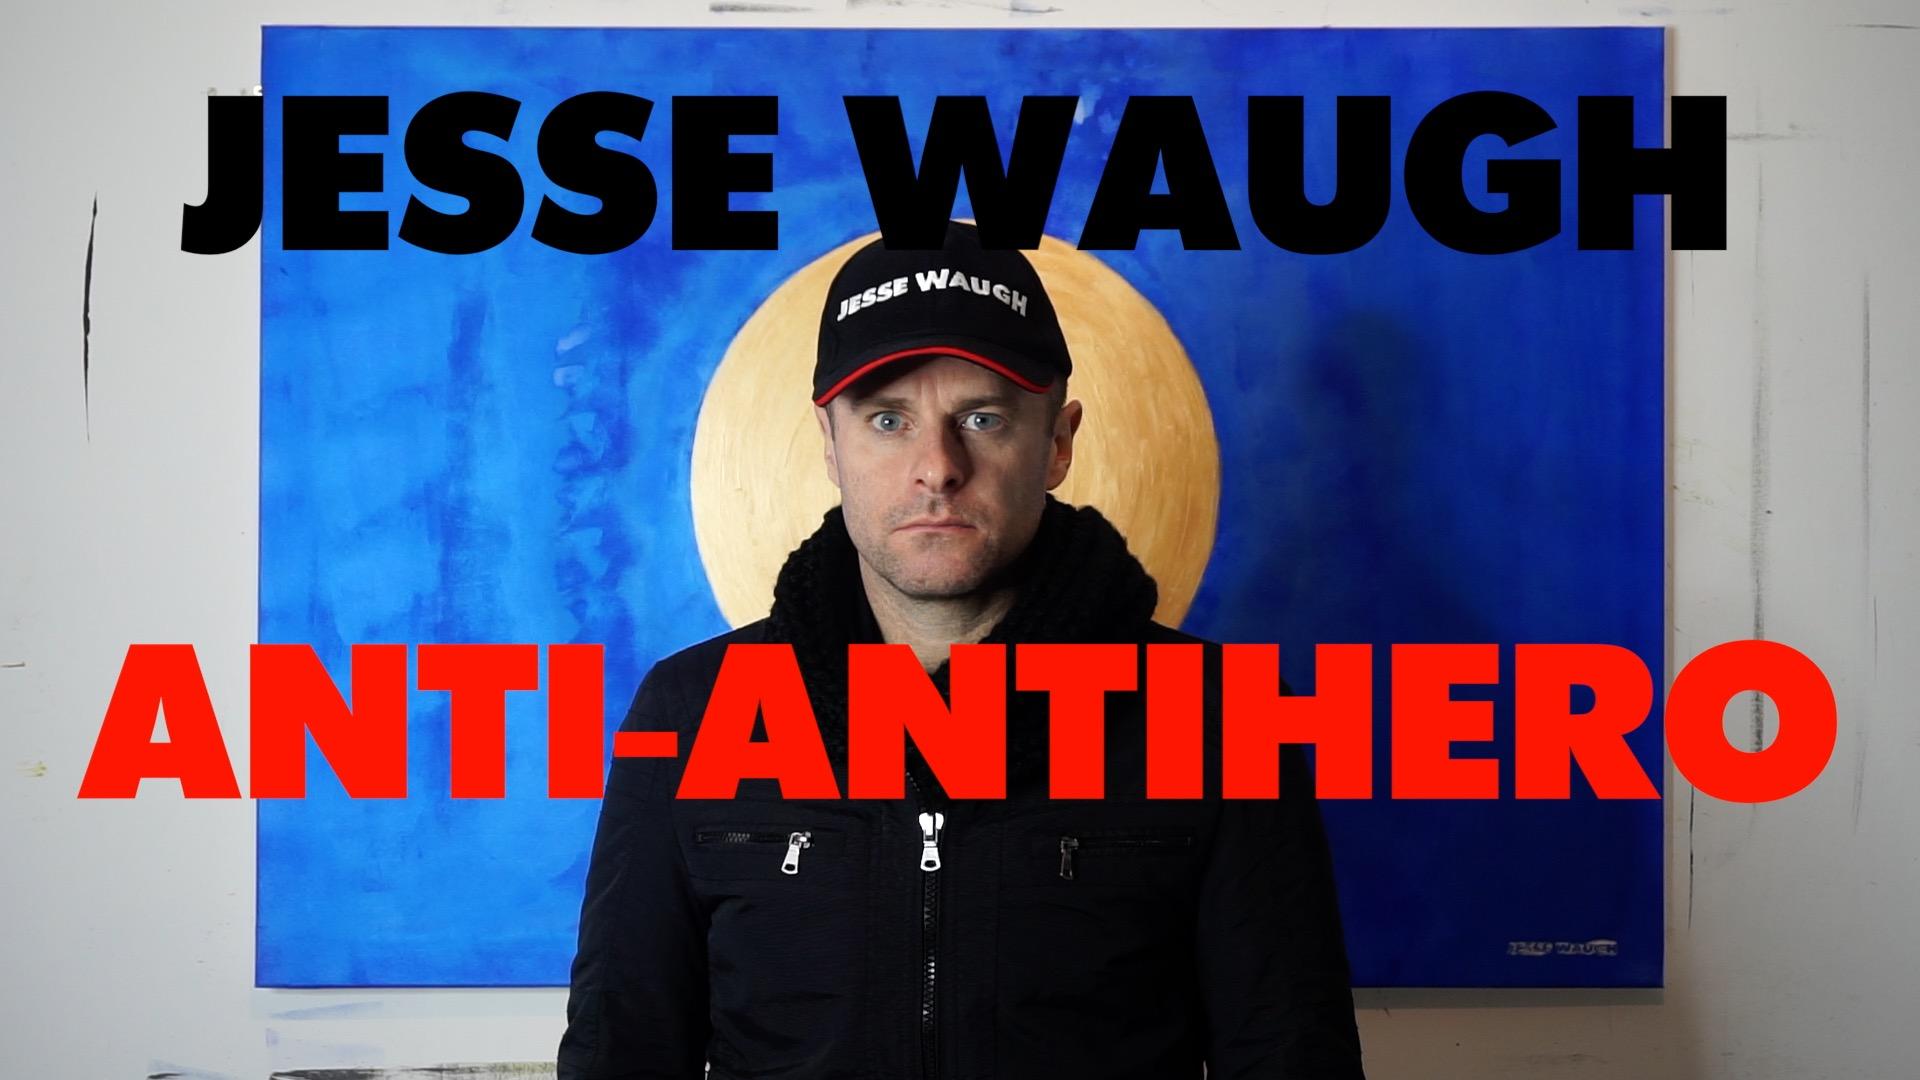 2018-02-27 JESSE WAUGH ANTI-ANTIHERO.jpg